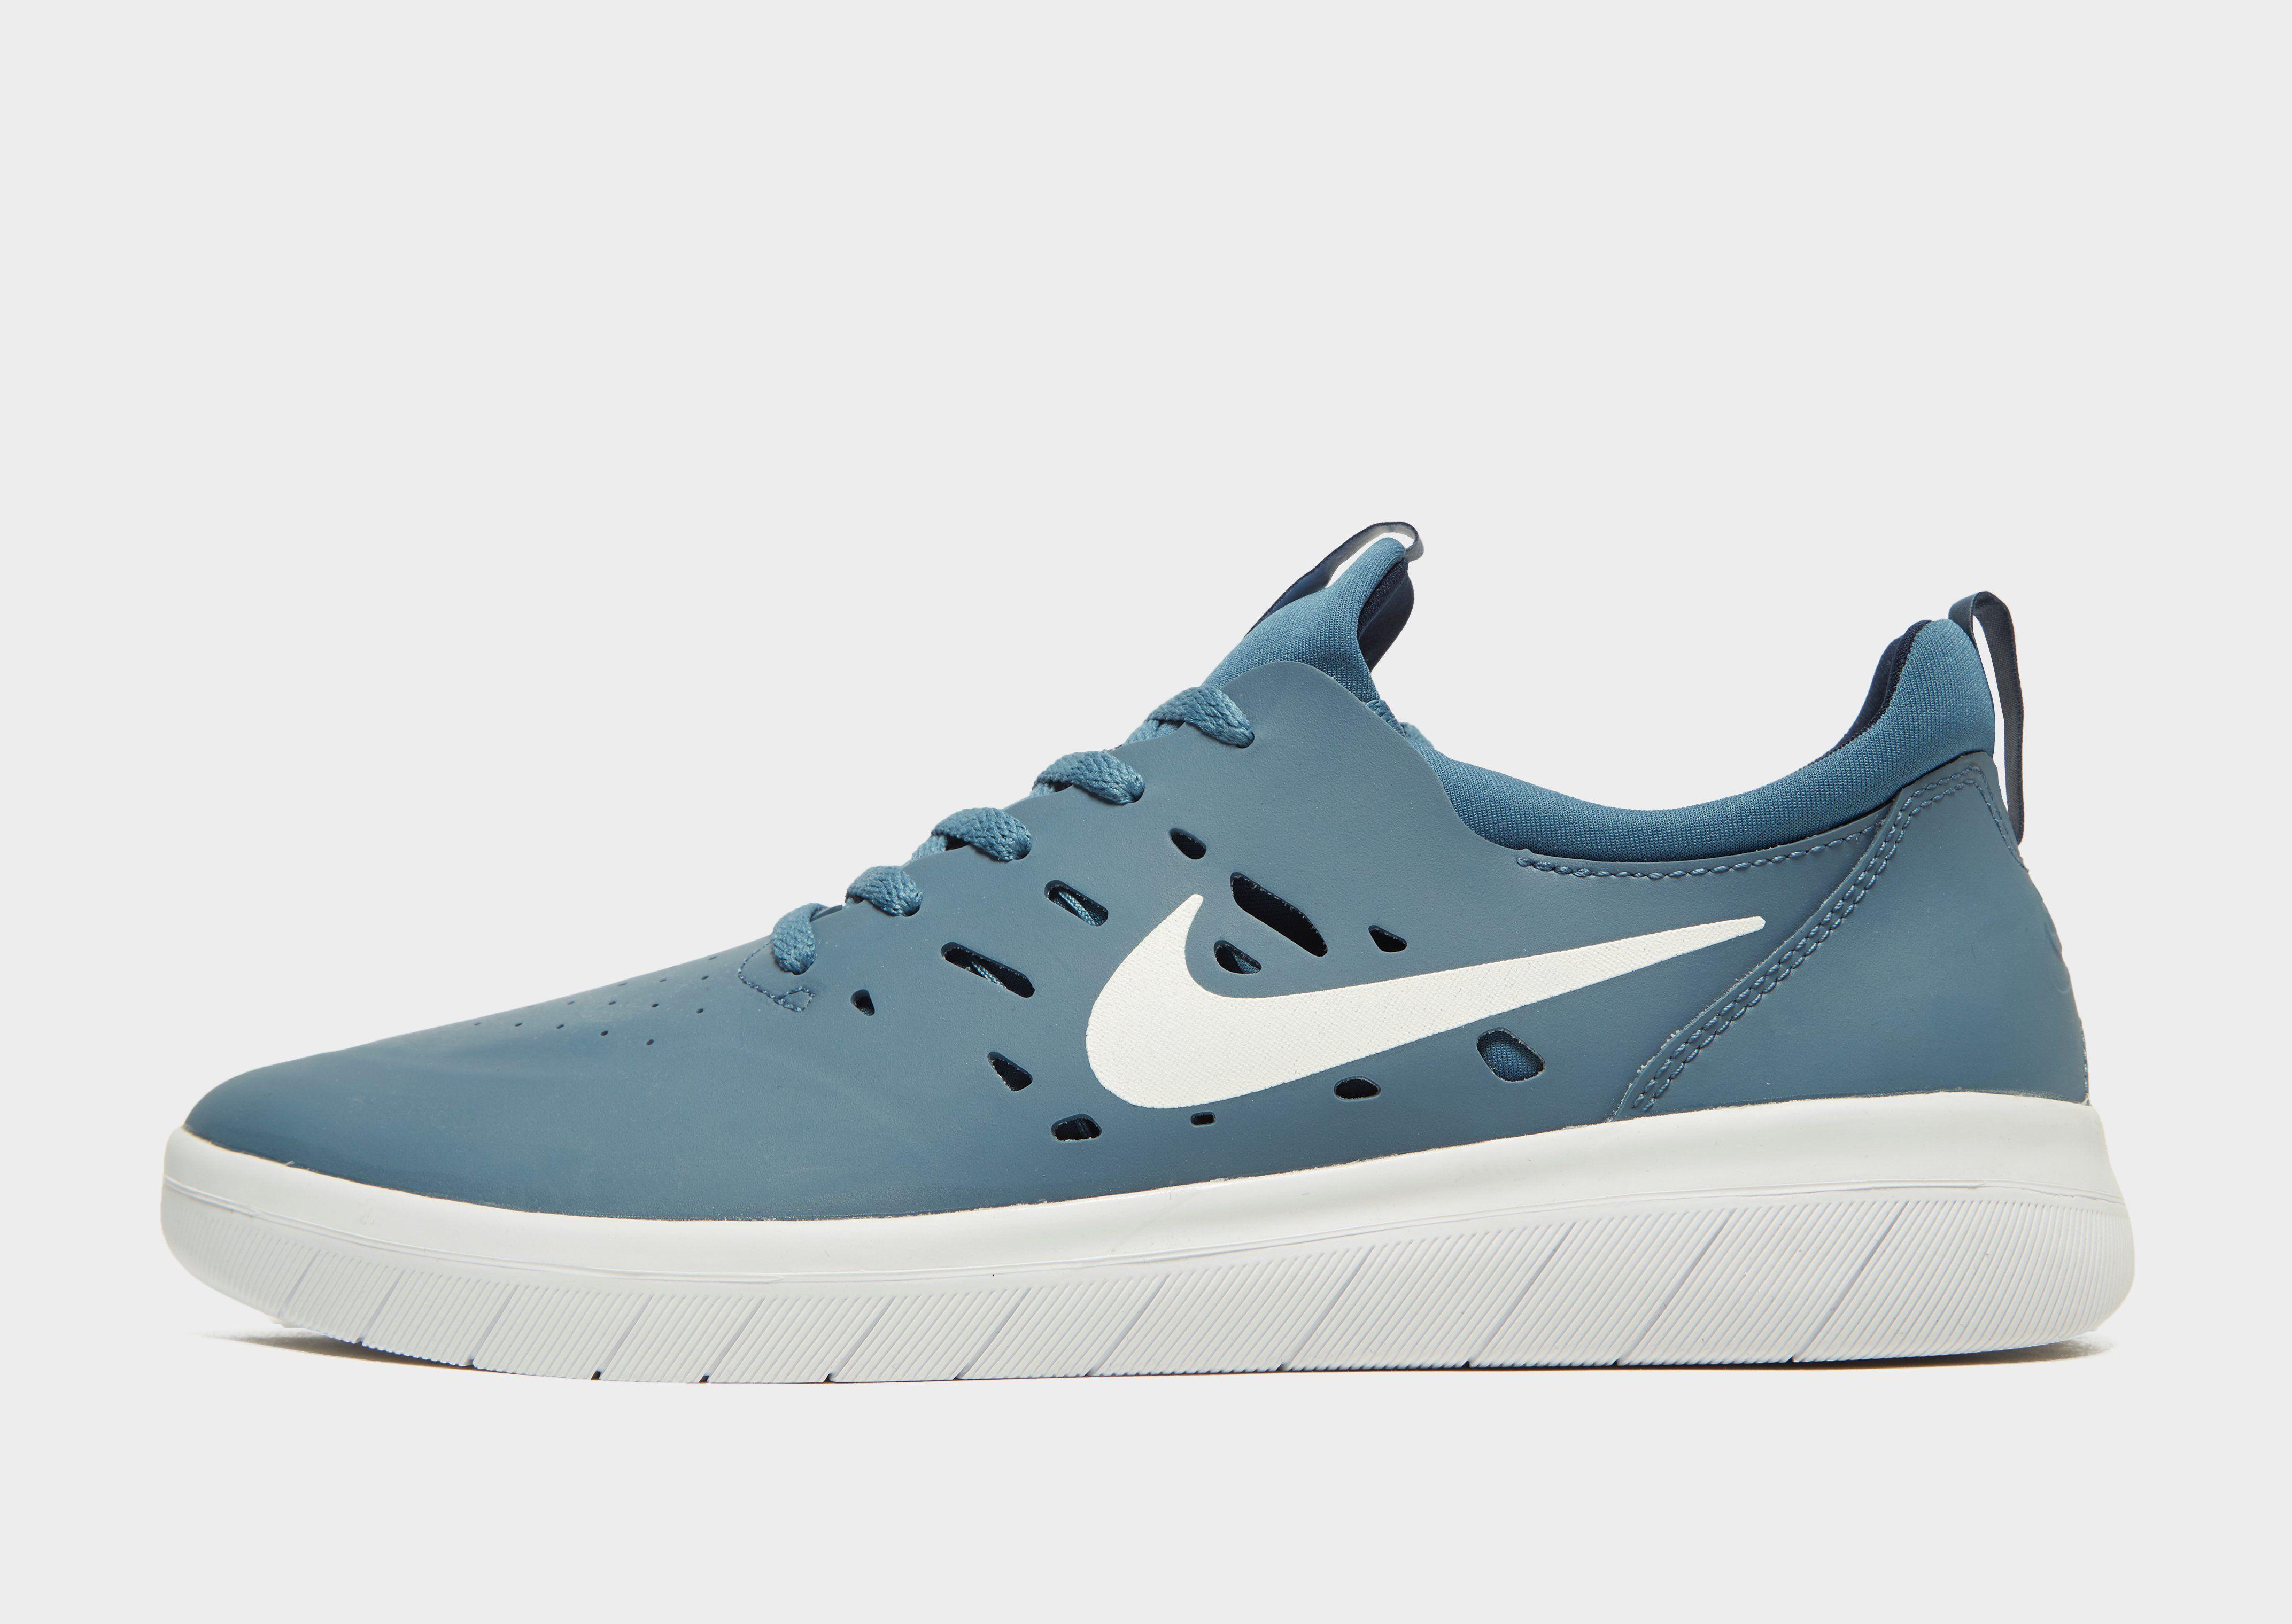 d295bdada47ae1 NIKE Nike SB Nyjah Free Skate Shoe